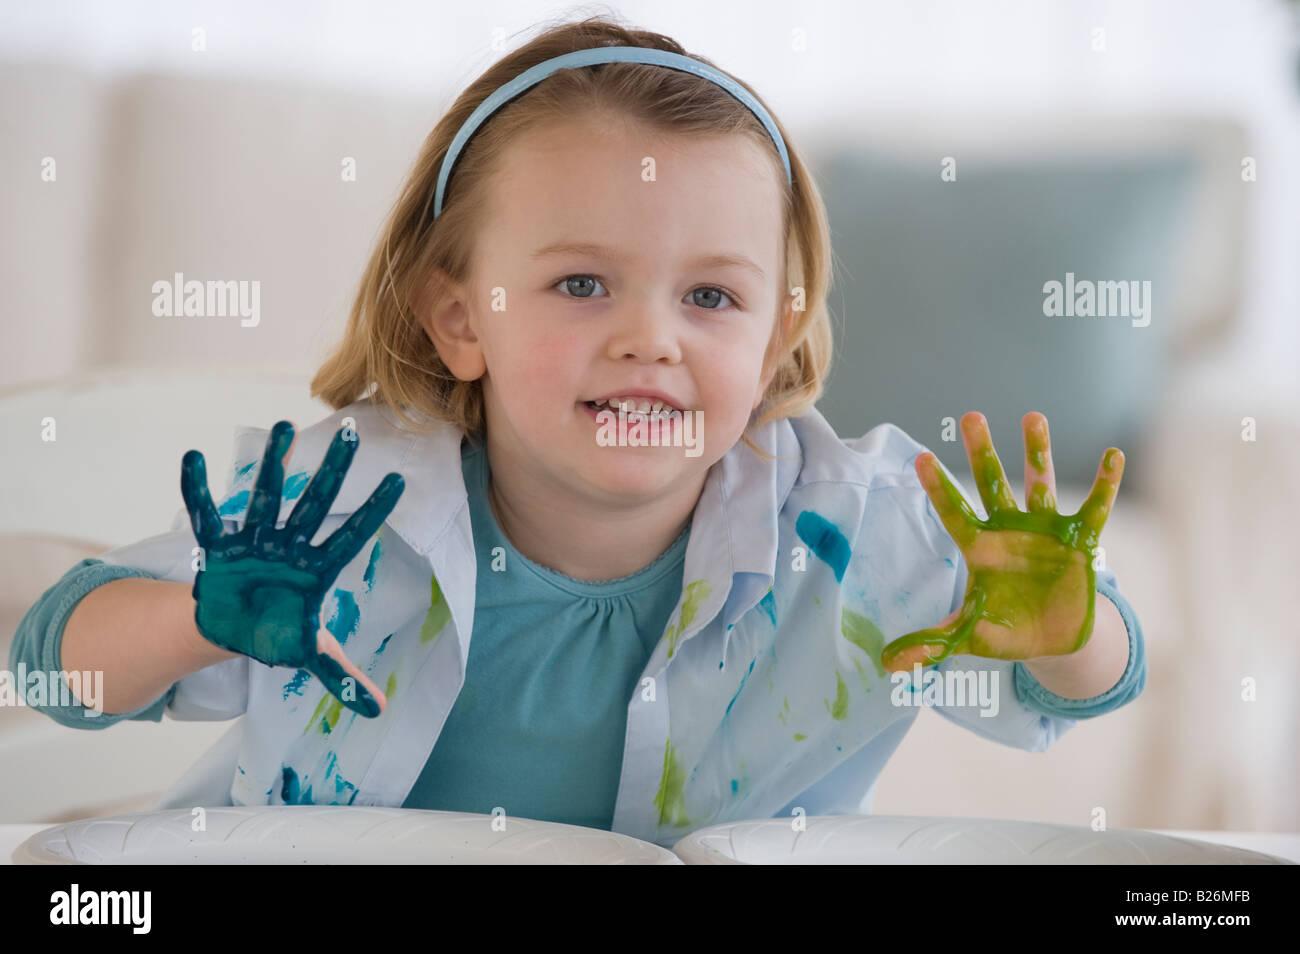 La peinture au doigt de fille avec des couleurs différentes Photo Stock